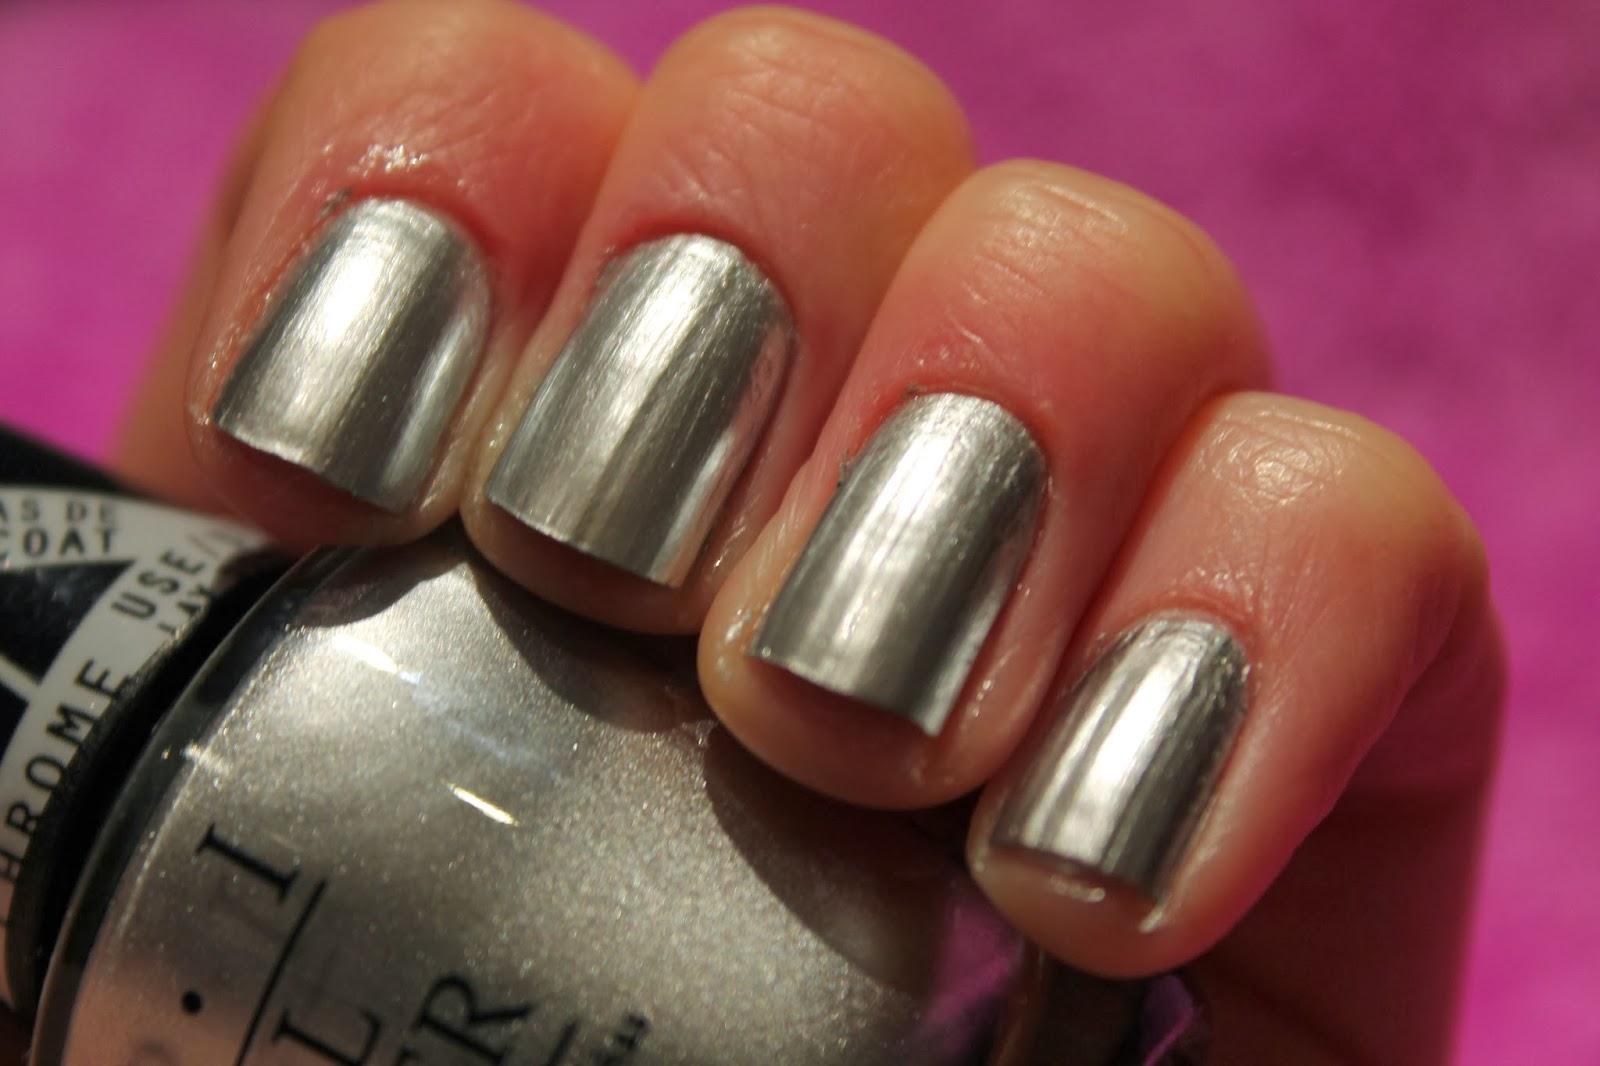 Gwen Stefani OPI Collection - Chrome Nail Polish Swatch